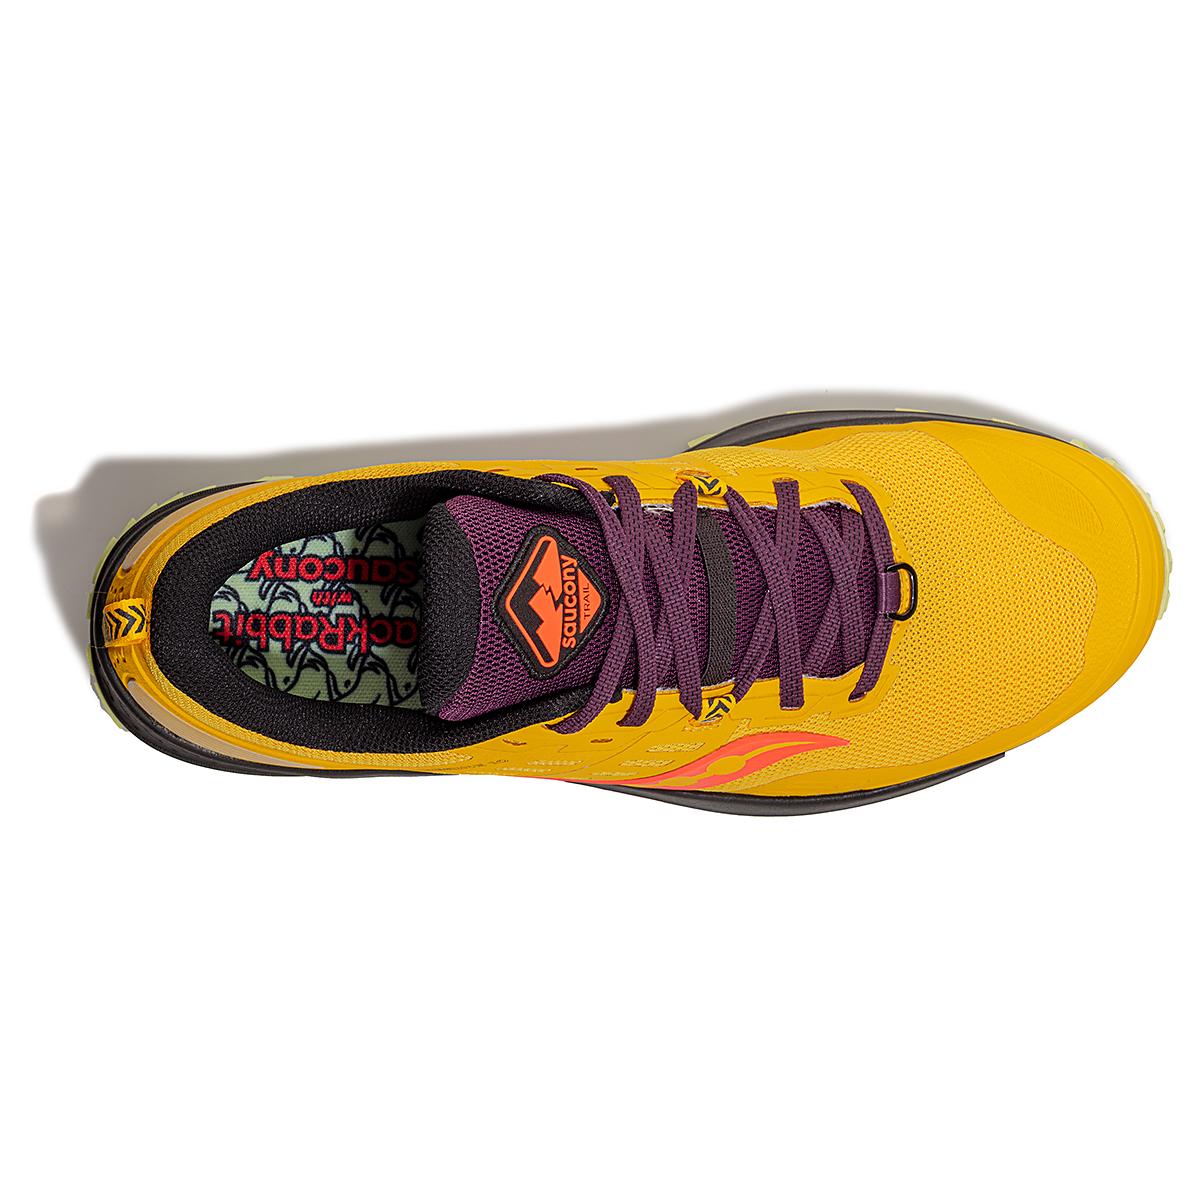 Men's Saucony Jackalope 2.0 Peregrine 10 Trail Running Shoe - Color: Jackalope - Size: 7 - Width: Regular, Jackalope, large, image 2